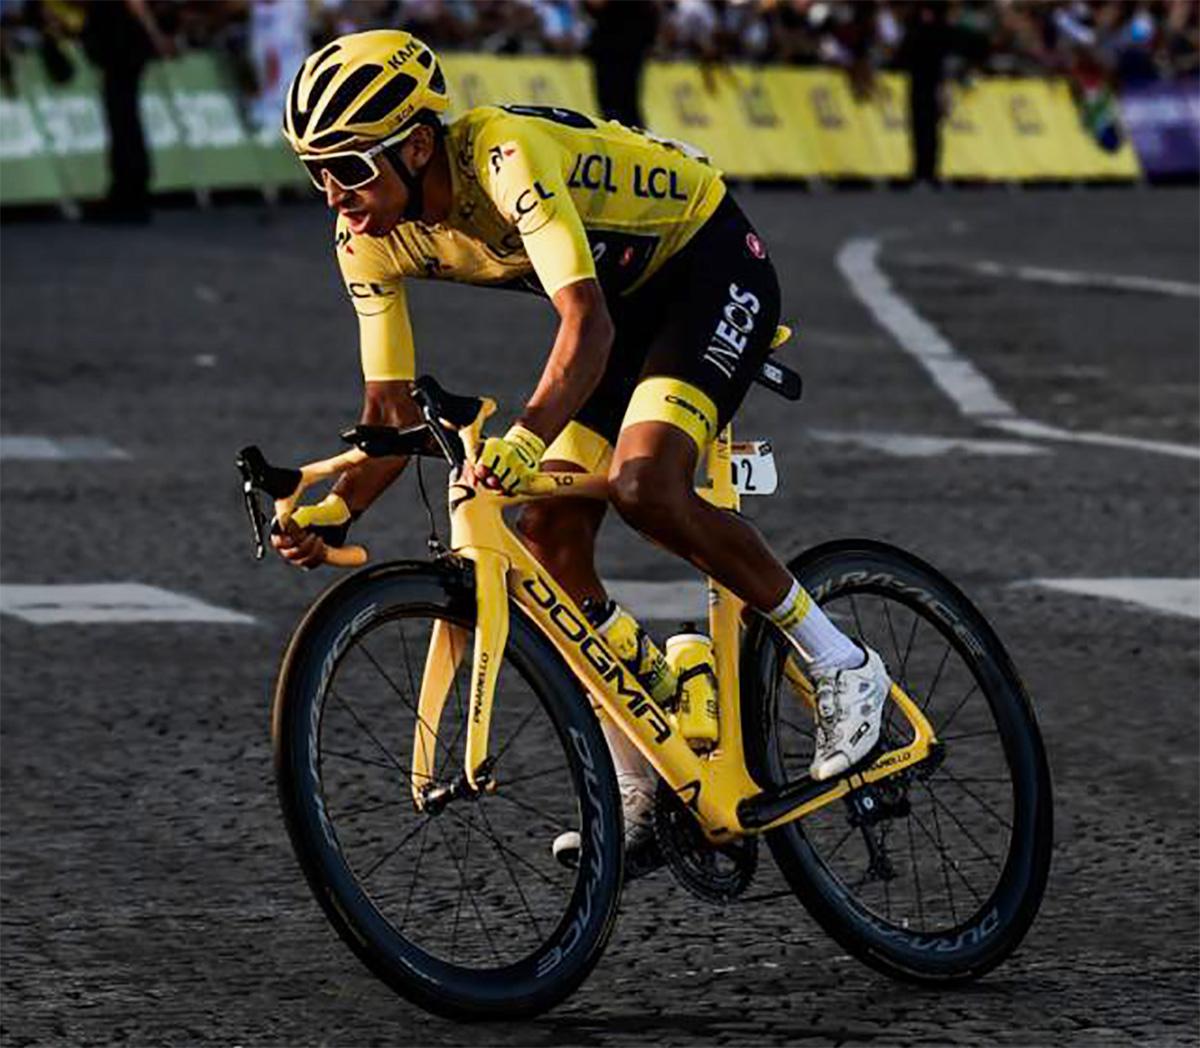 Leader classifica generale tour de france 2019